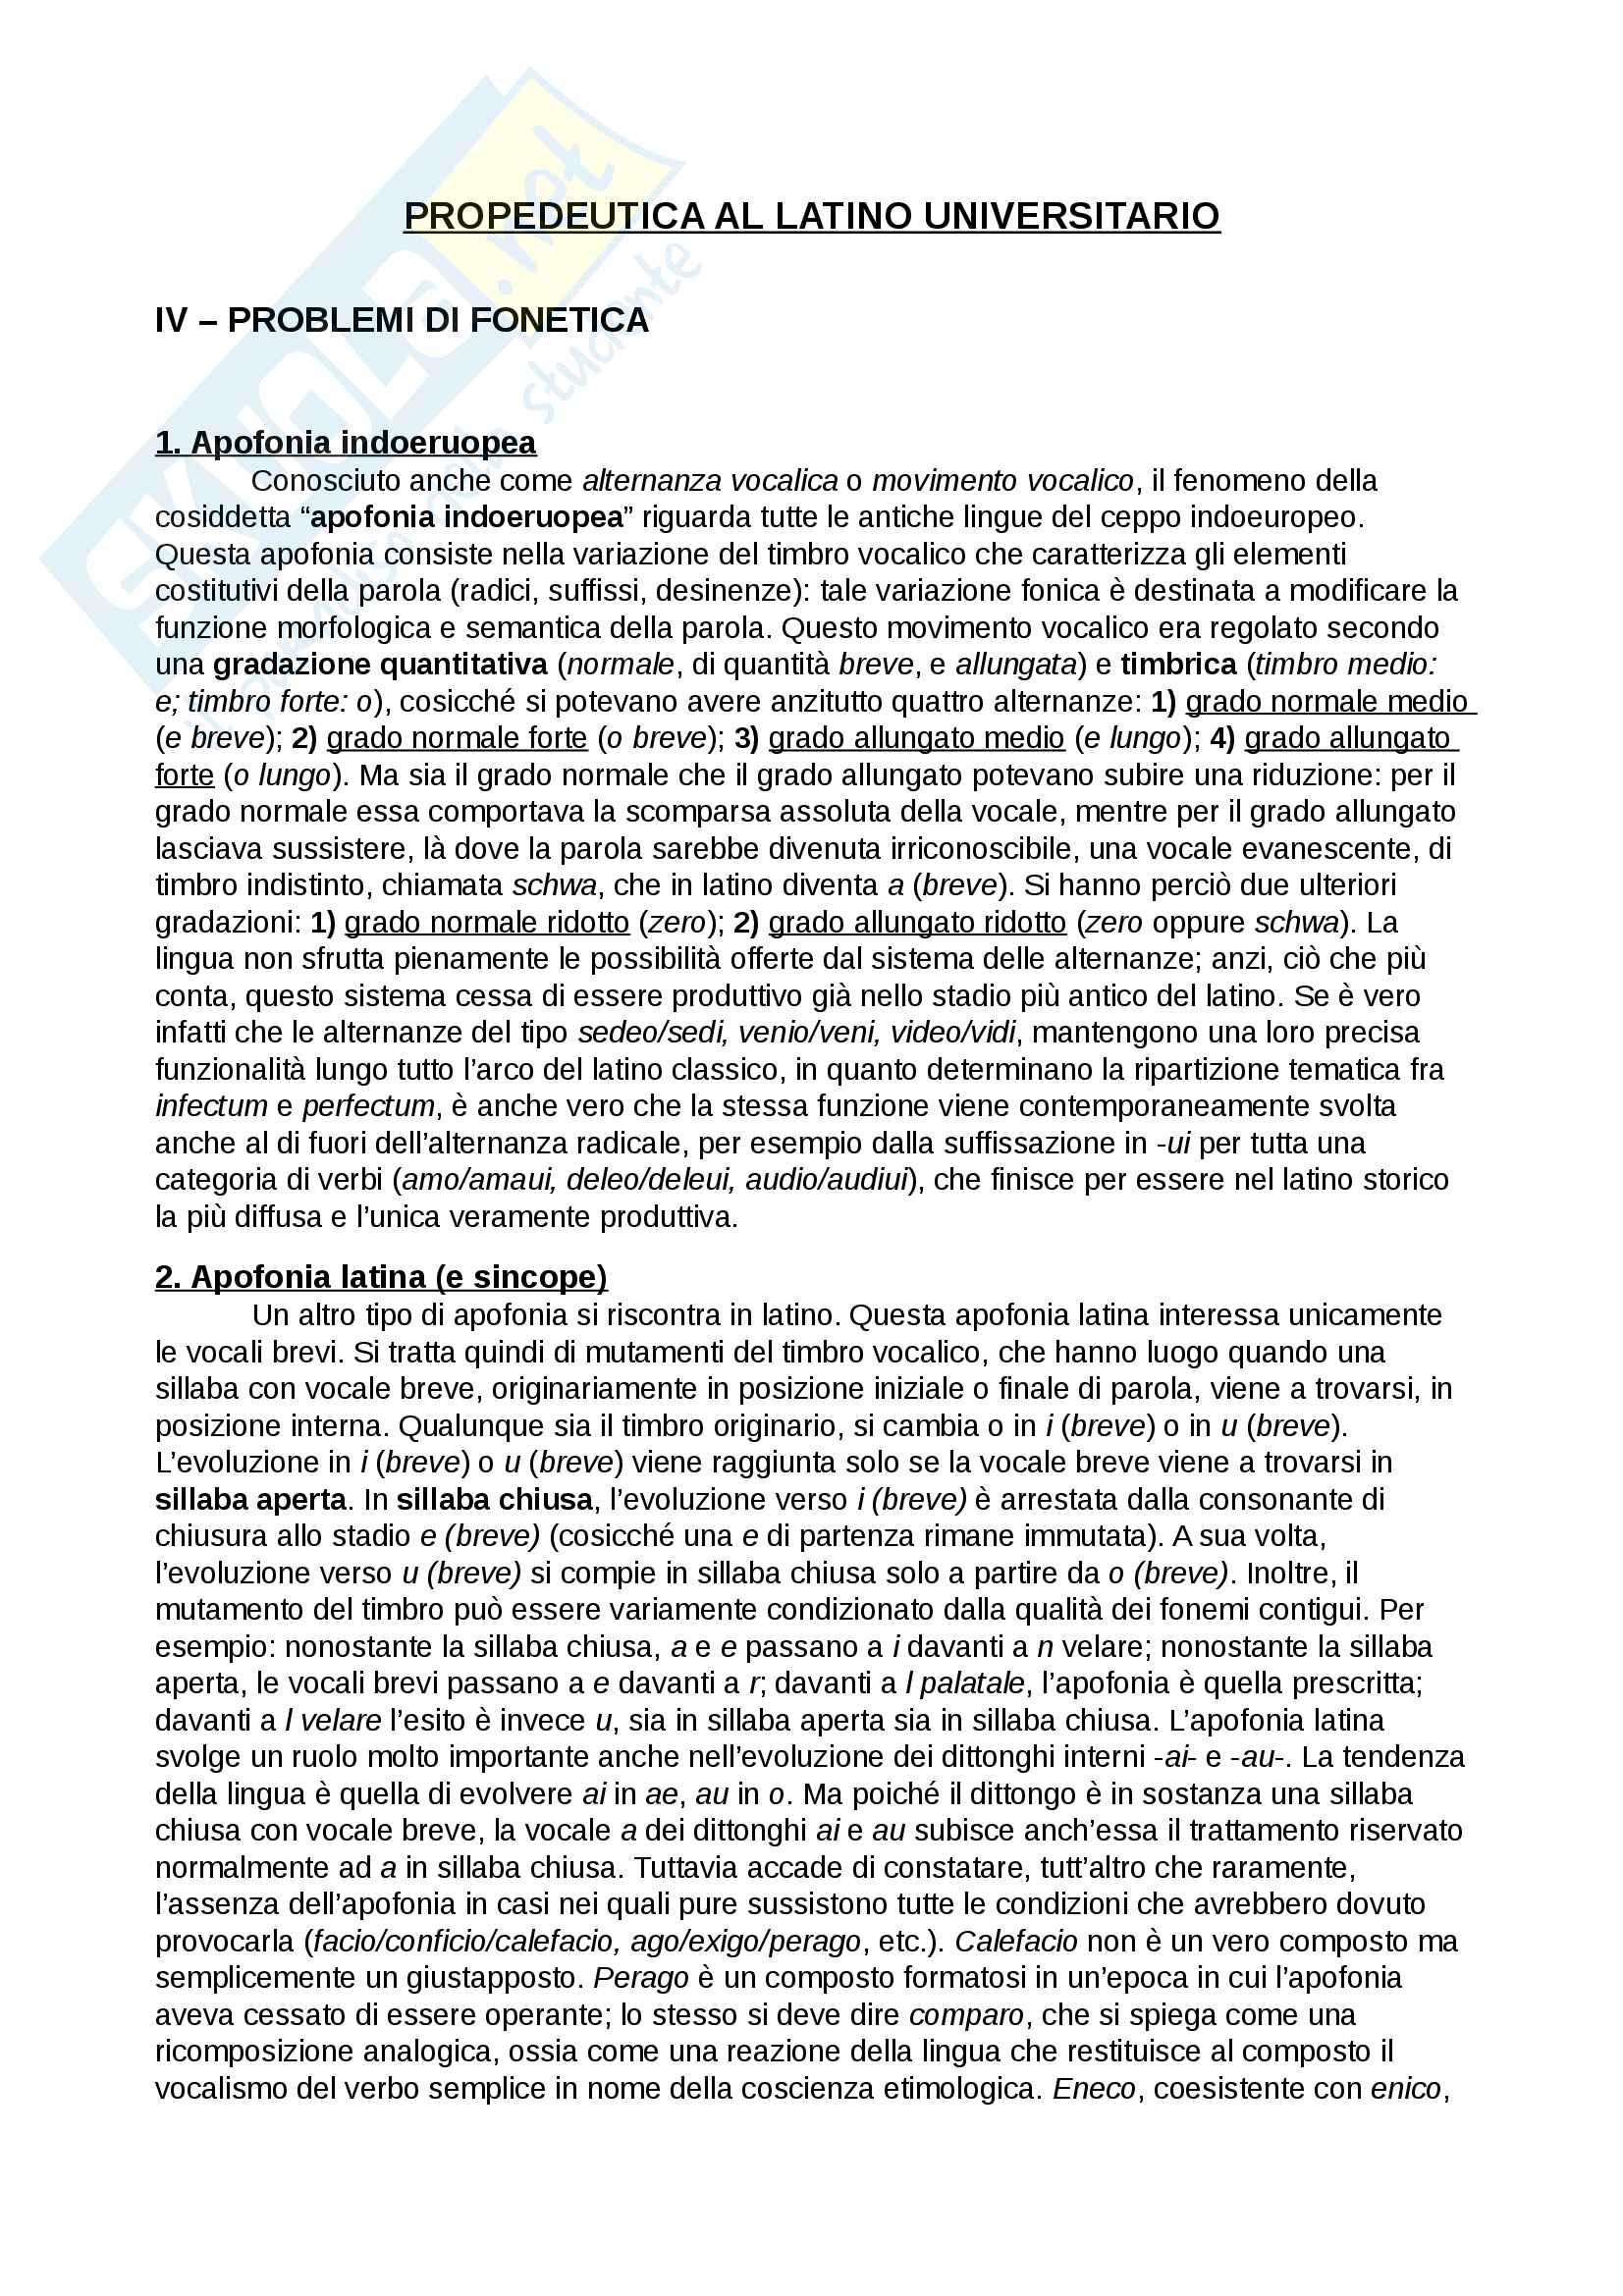 Riassunto esame Lingua e letteratura latina I, prof. Berno, libro consigliato Propedeutica al latino universitario, A. Traina